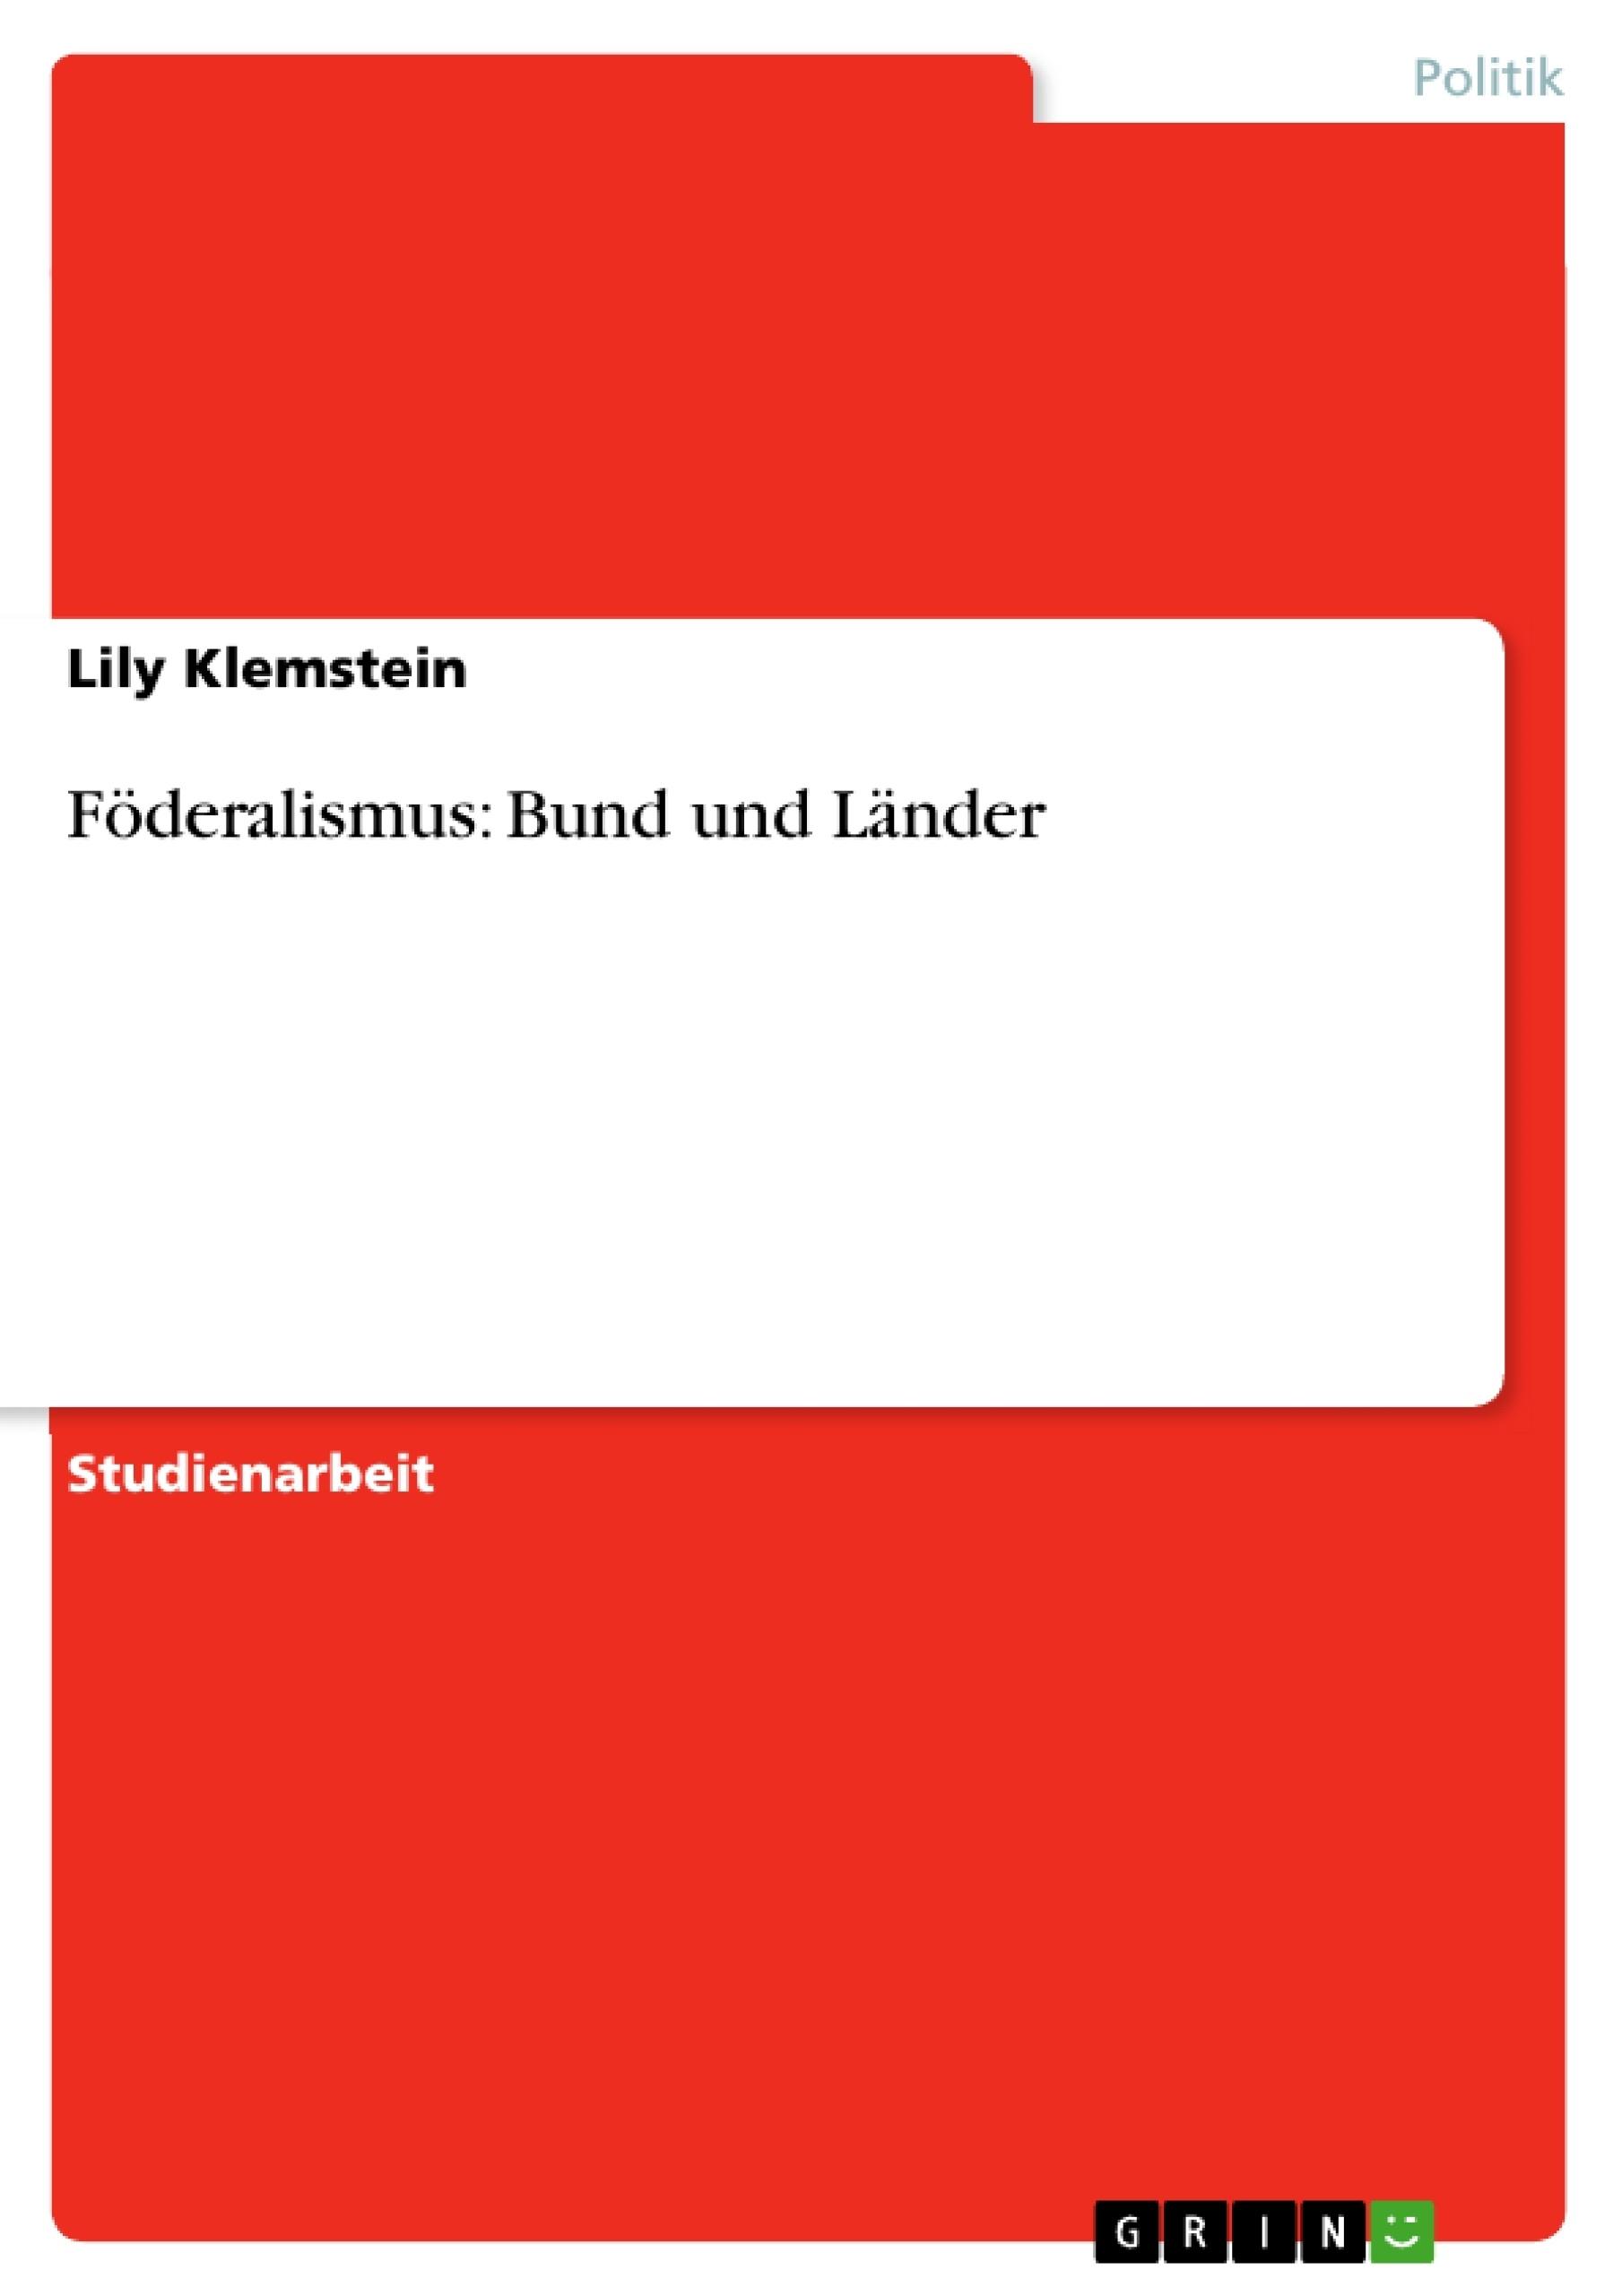 Titel: Föderalismus: Bund und Länder